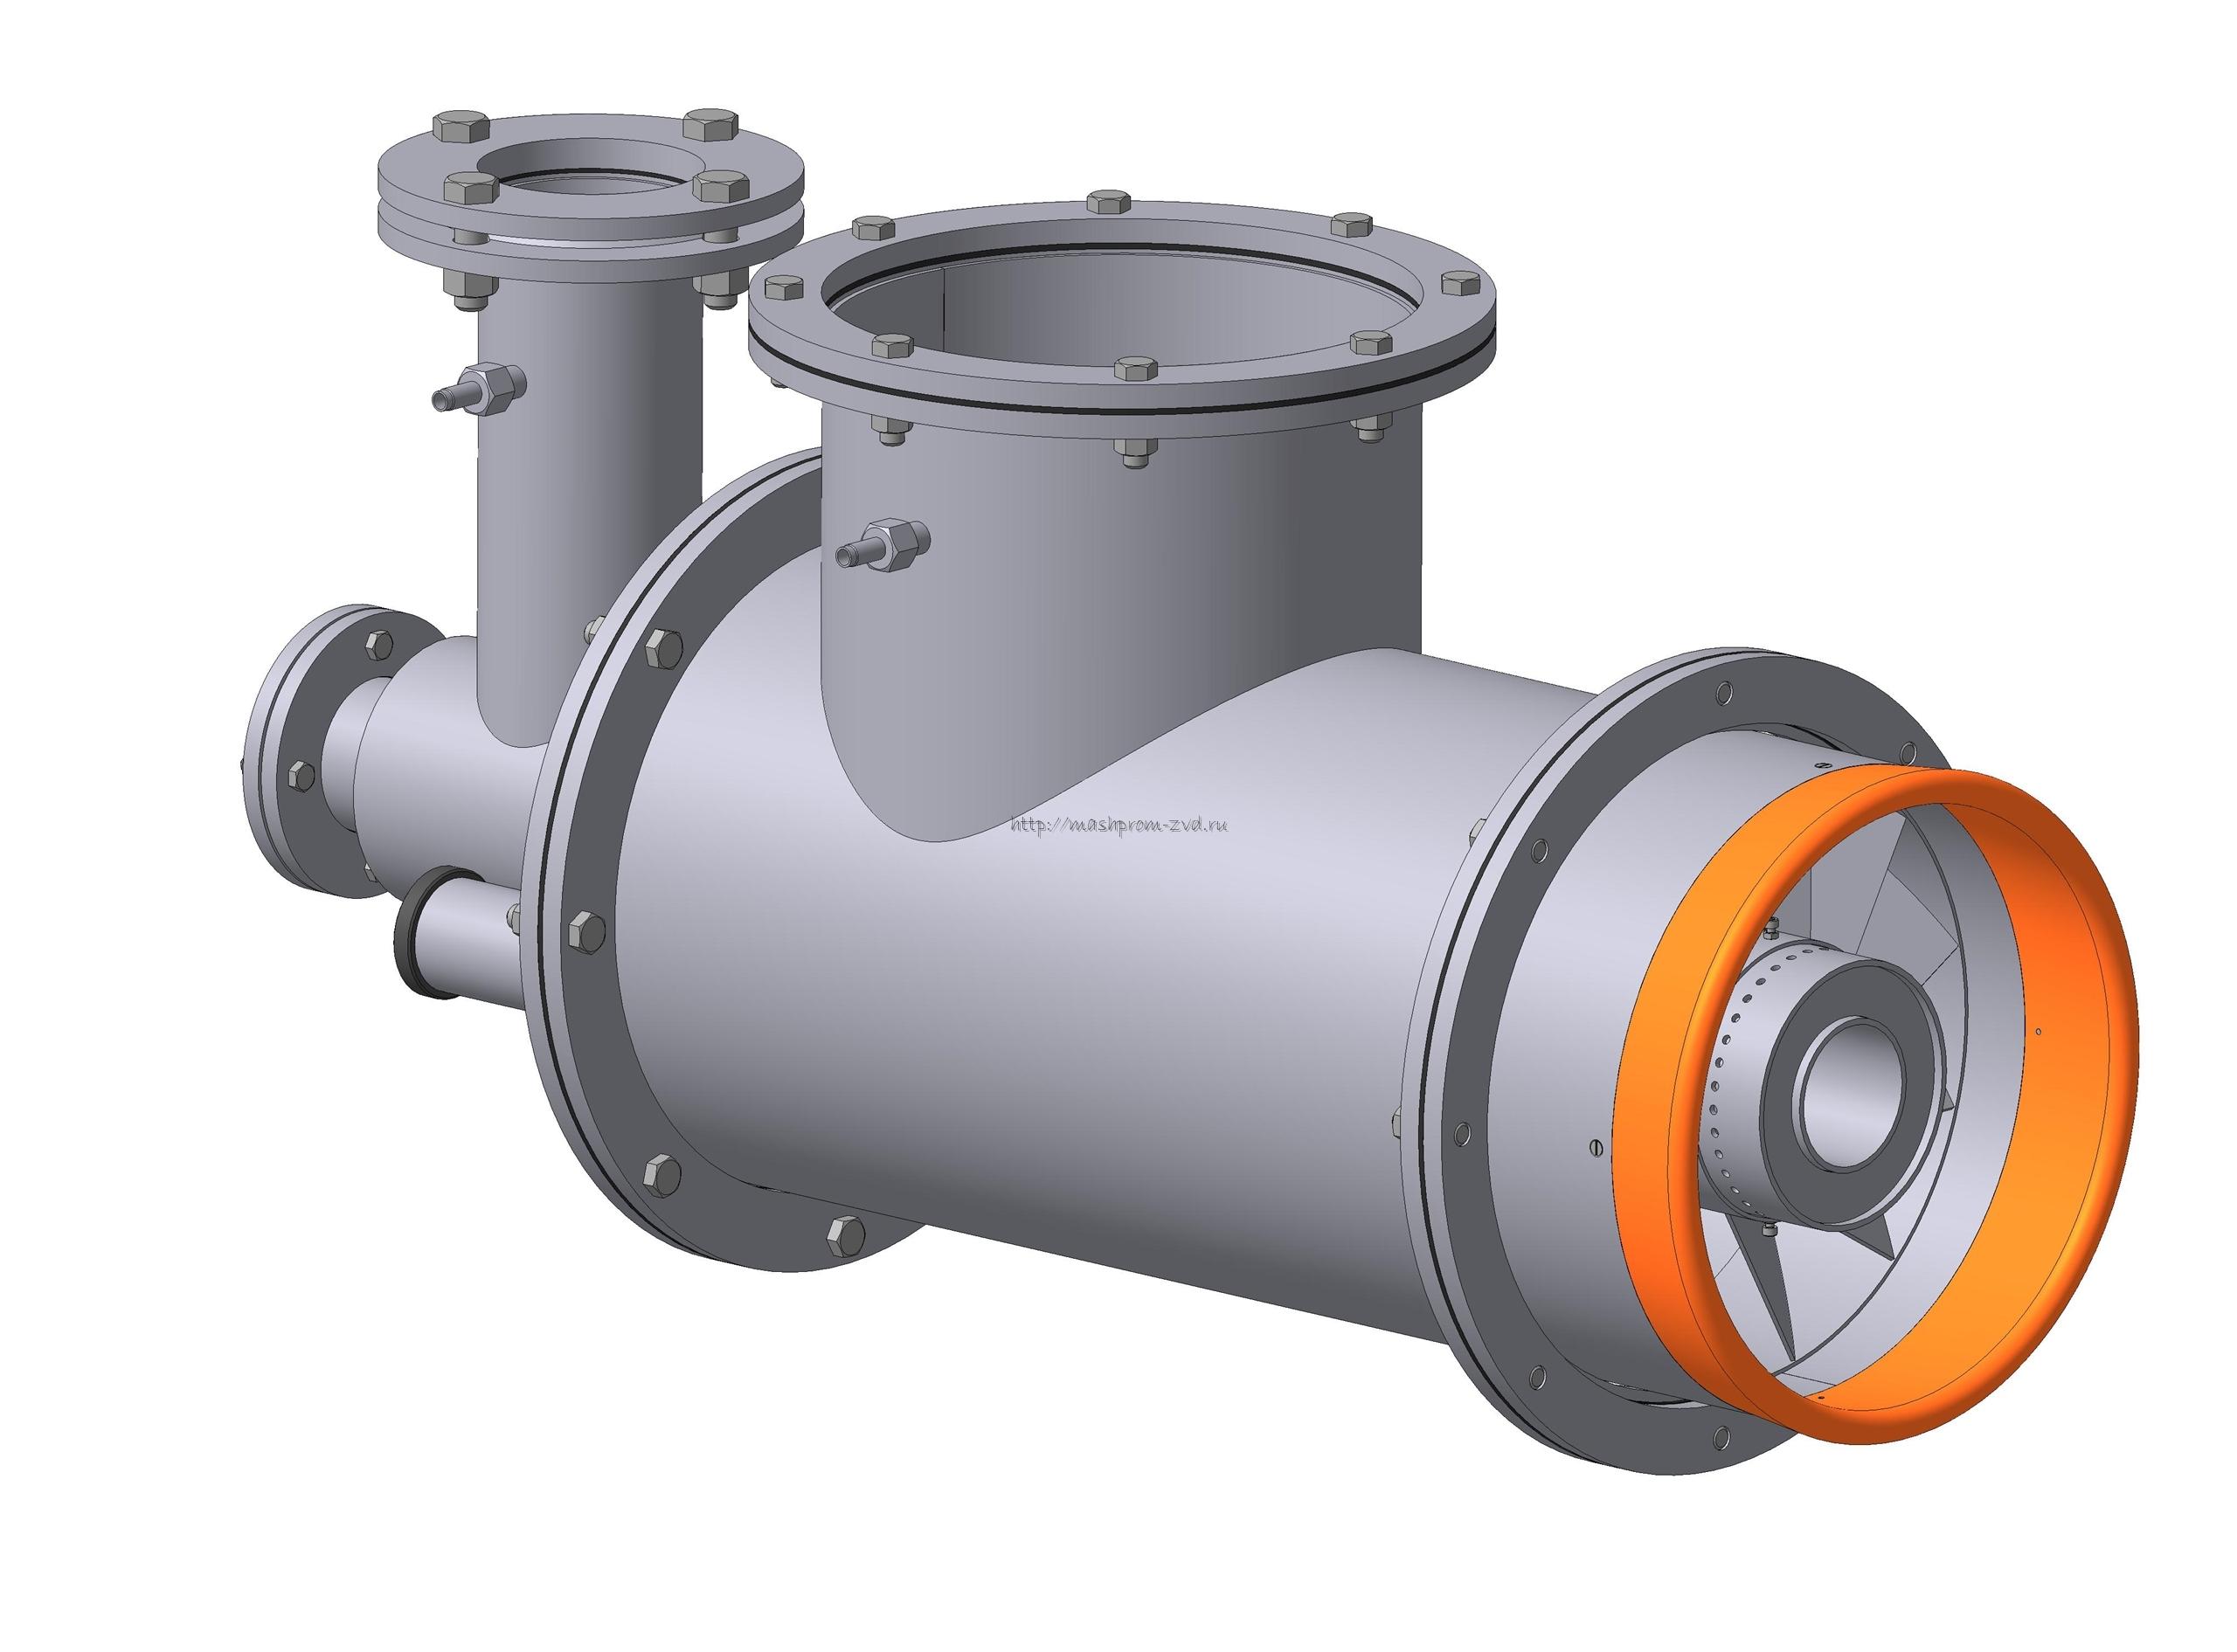 Горелка комбинированная газовая, жидкотопливная вихревая ГГВ-350